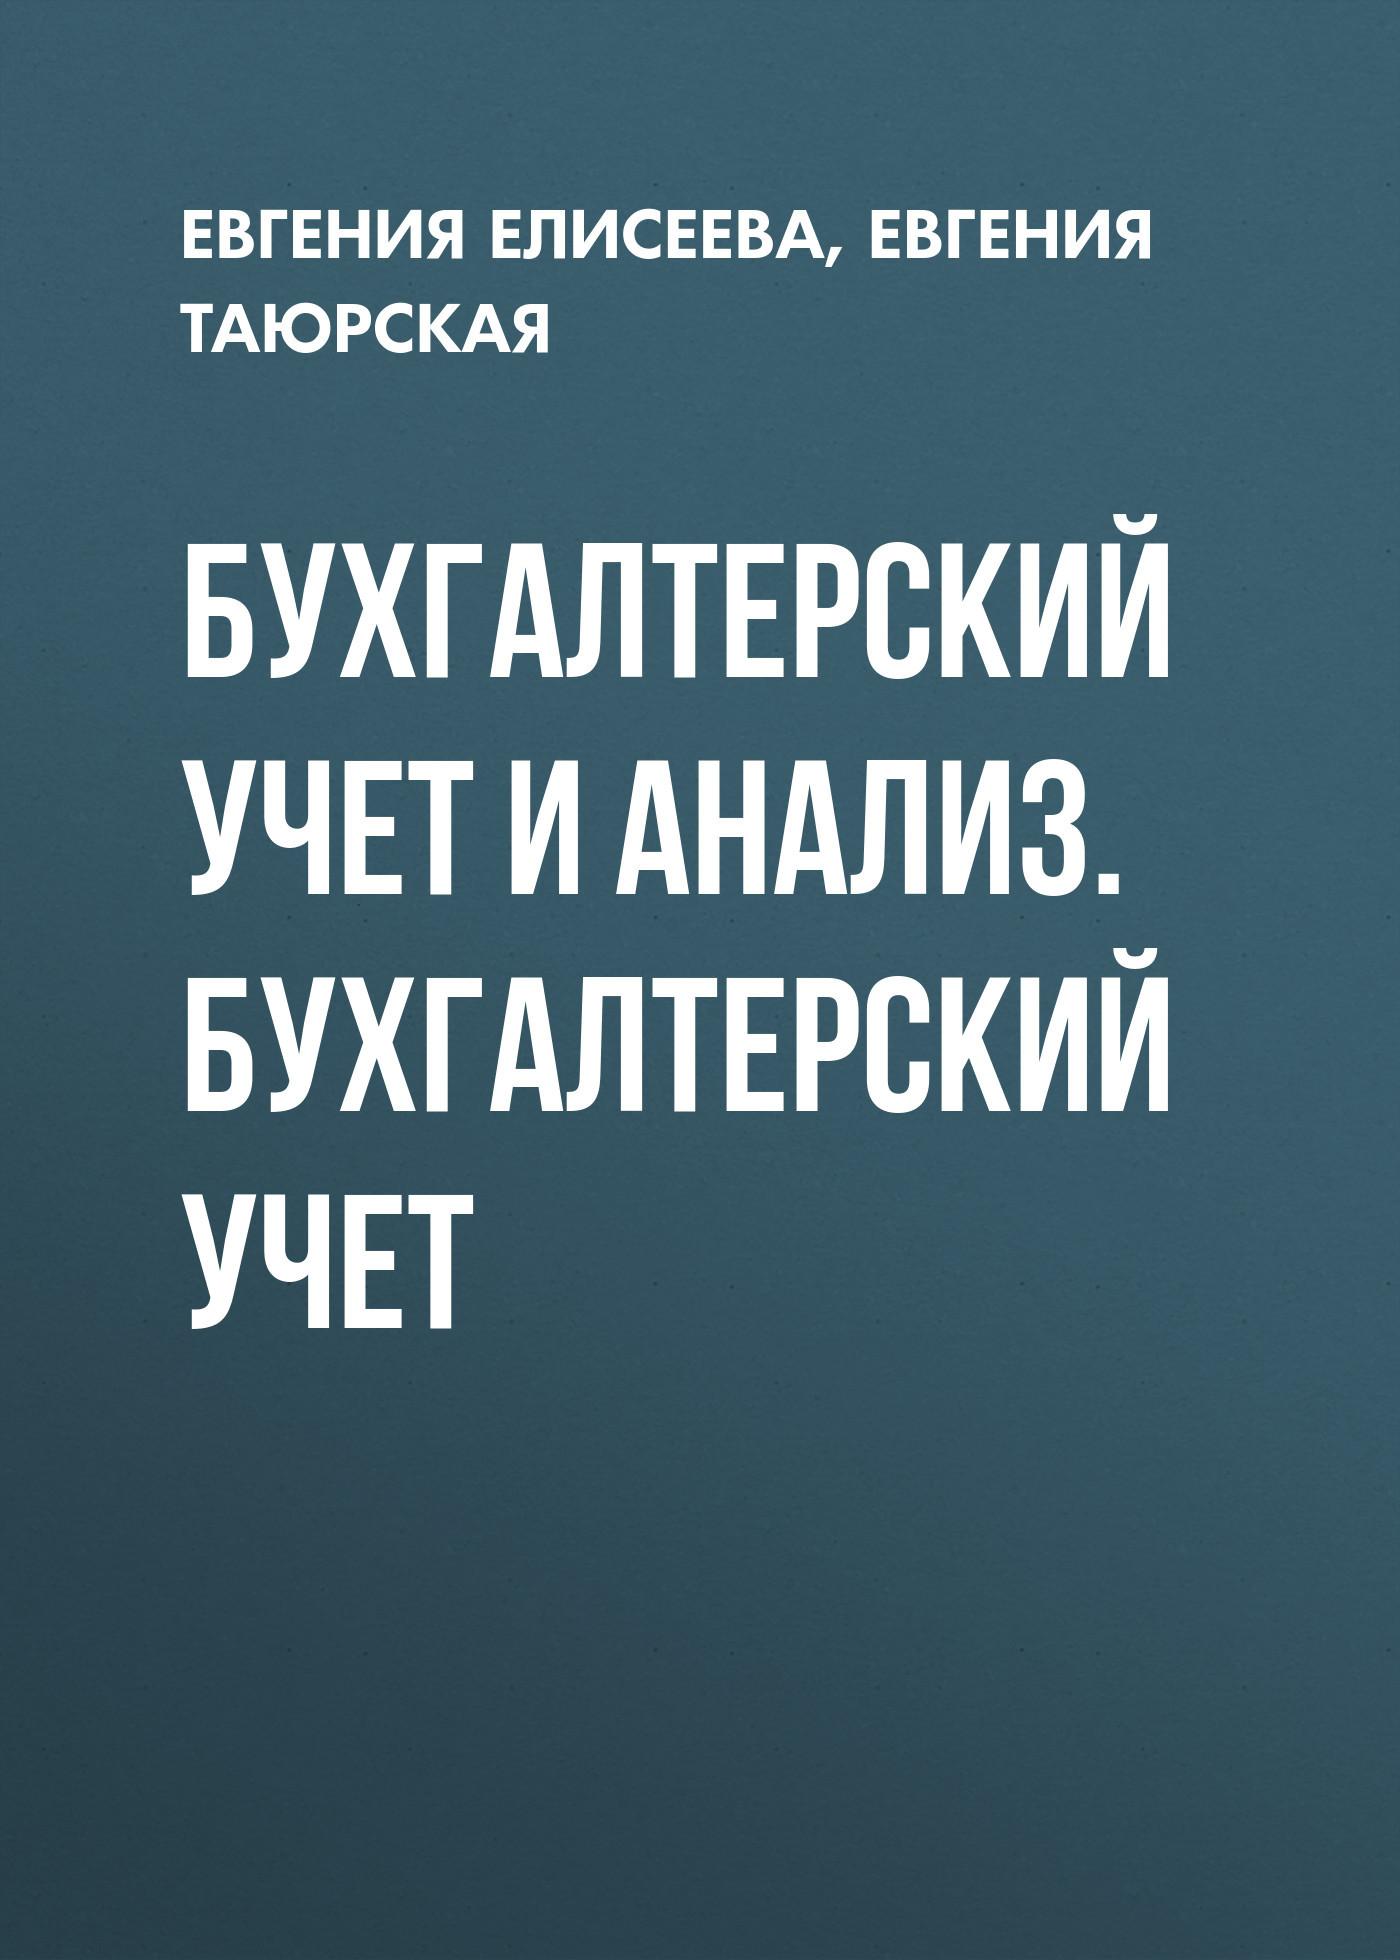 Евгения Елисеева. Бухгалтерский учет и анализ. Бухгалтерский учет